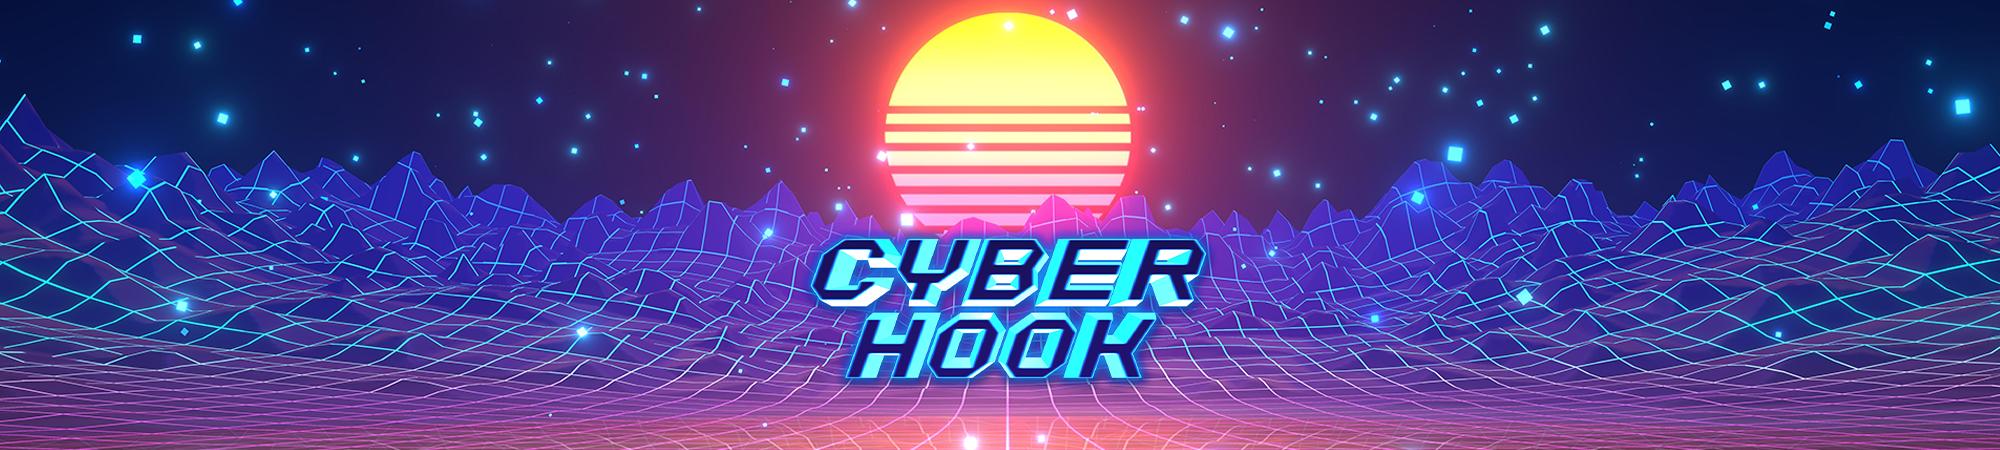 Cyber Hook